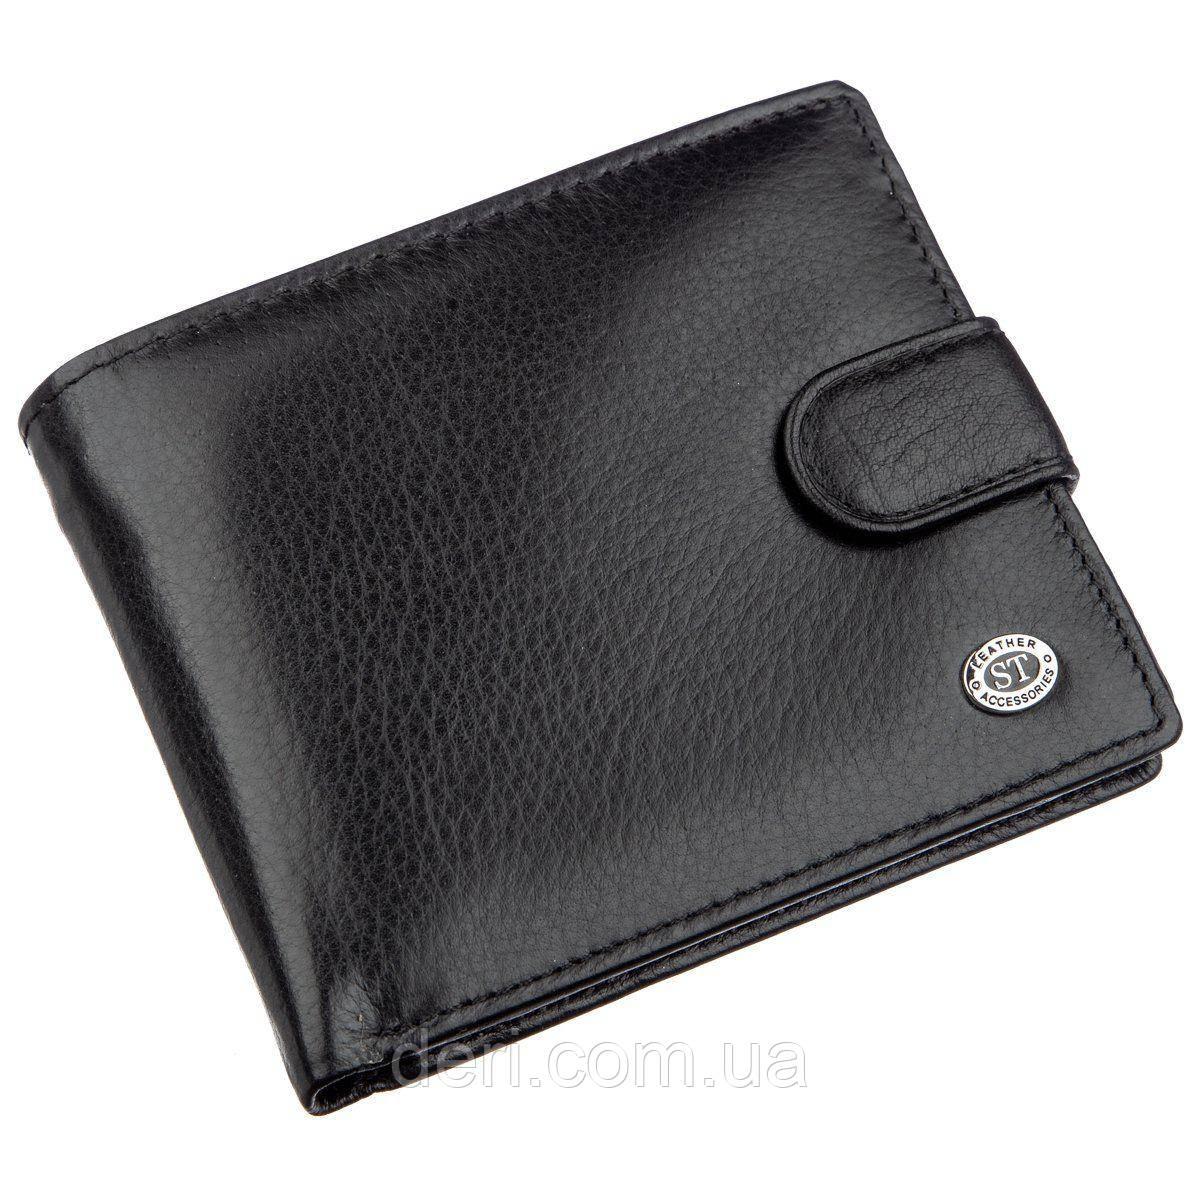 Превосходный мужской бумажник ST Leather Черный, Черный